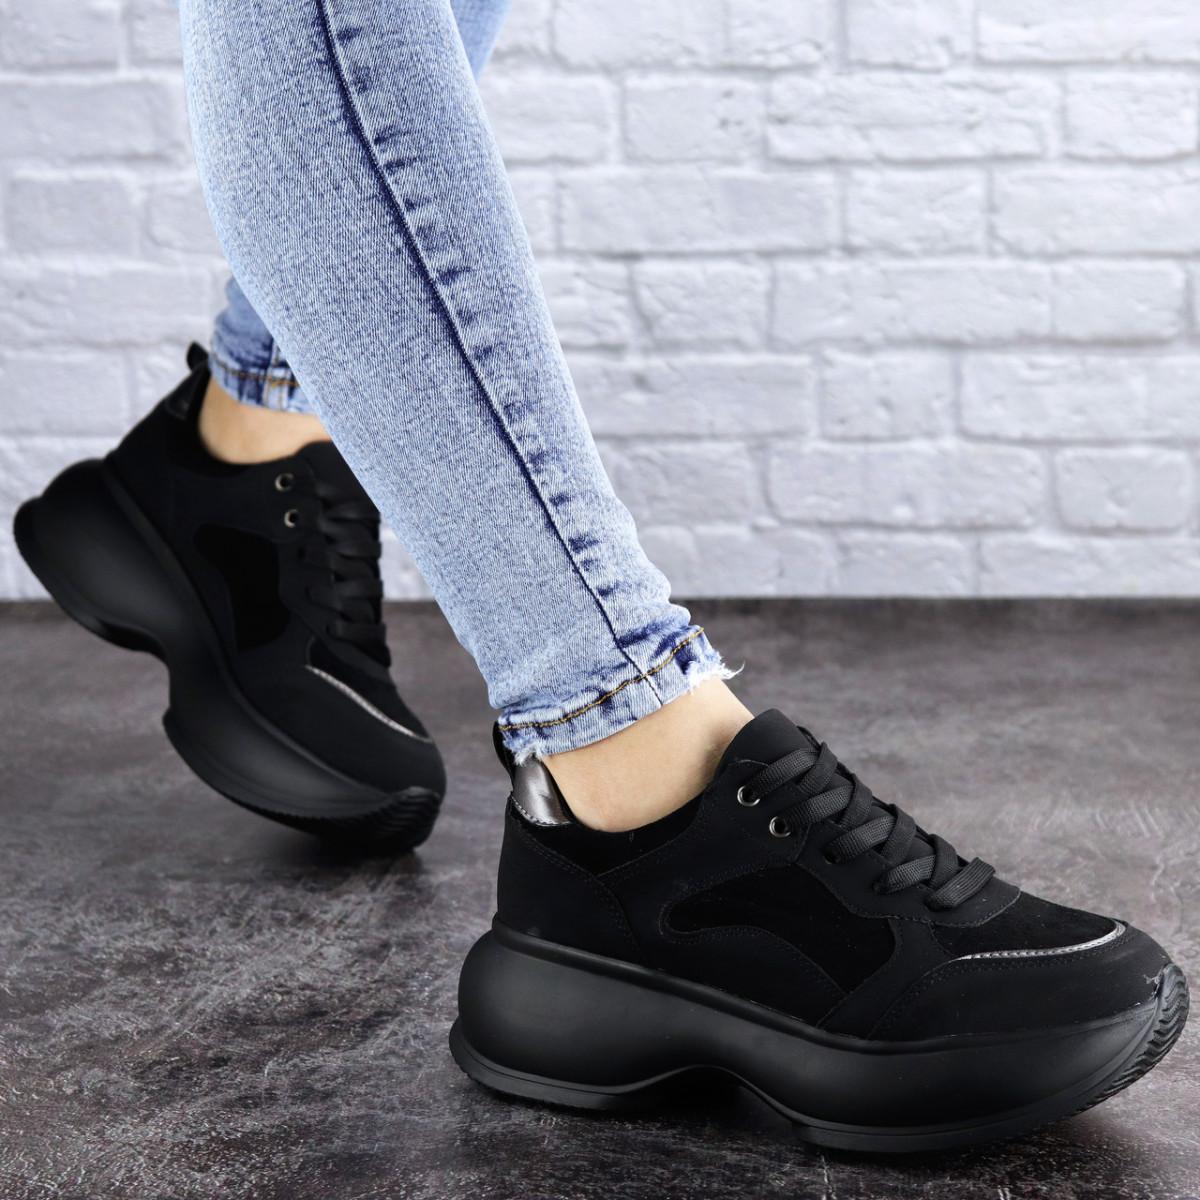 Женские кроссовки Fashion Negrita 2056 36 размер 23 см Черный